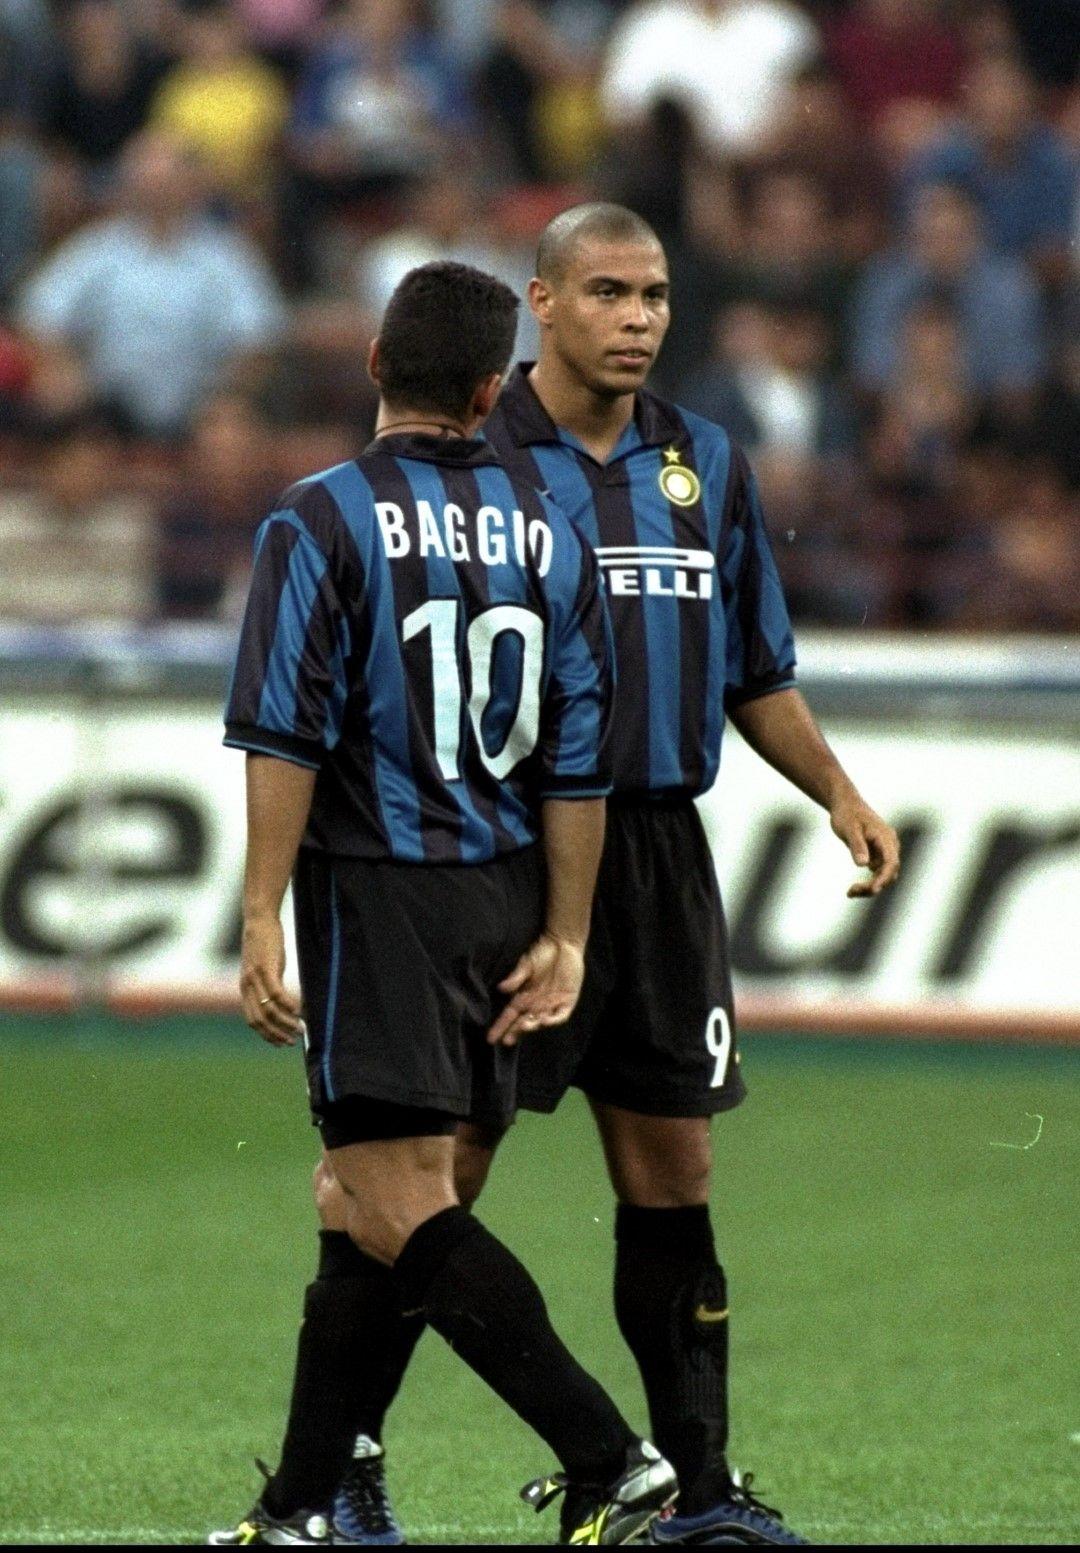 """На 31 г. Баджо подписа с """"Интер"""" и за два сезона игра малко, вкарвайки 7 гола в 21 мача. Междувременно бе в стихията си за националния отбор на три поредни Мондиала, вкарвайки общо 9 гола в тях! На Световното в САЩ през 1994-а с пет попадения (включително две срещу България на полуфинала) закара Италия на финал, където... пропусна решаващата дузпа и Бразилия взе купата."""